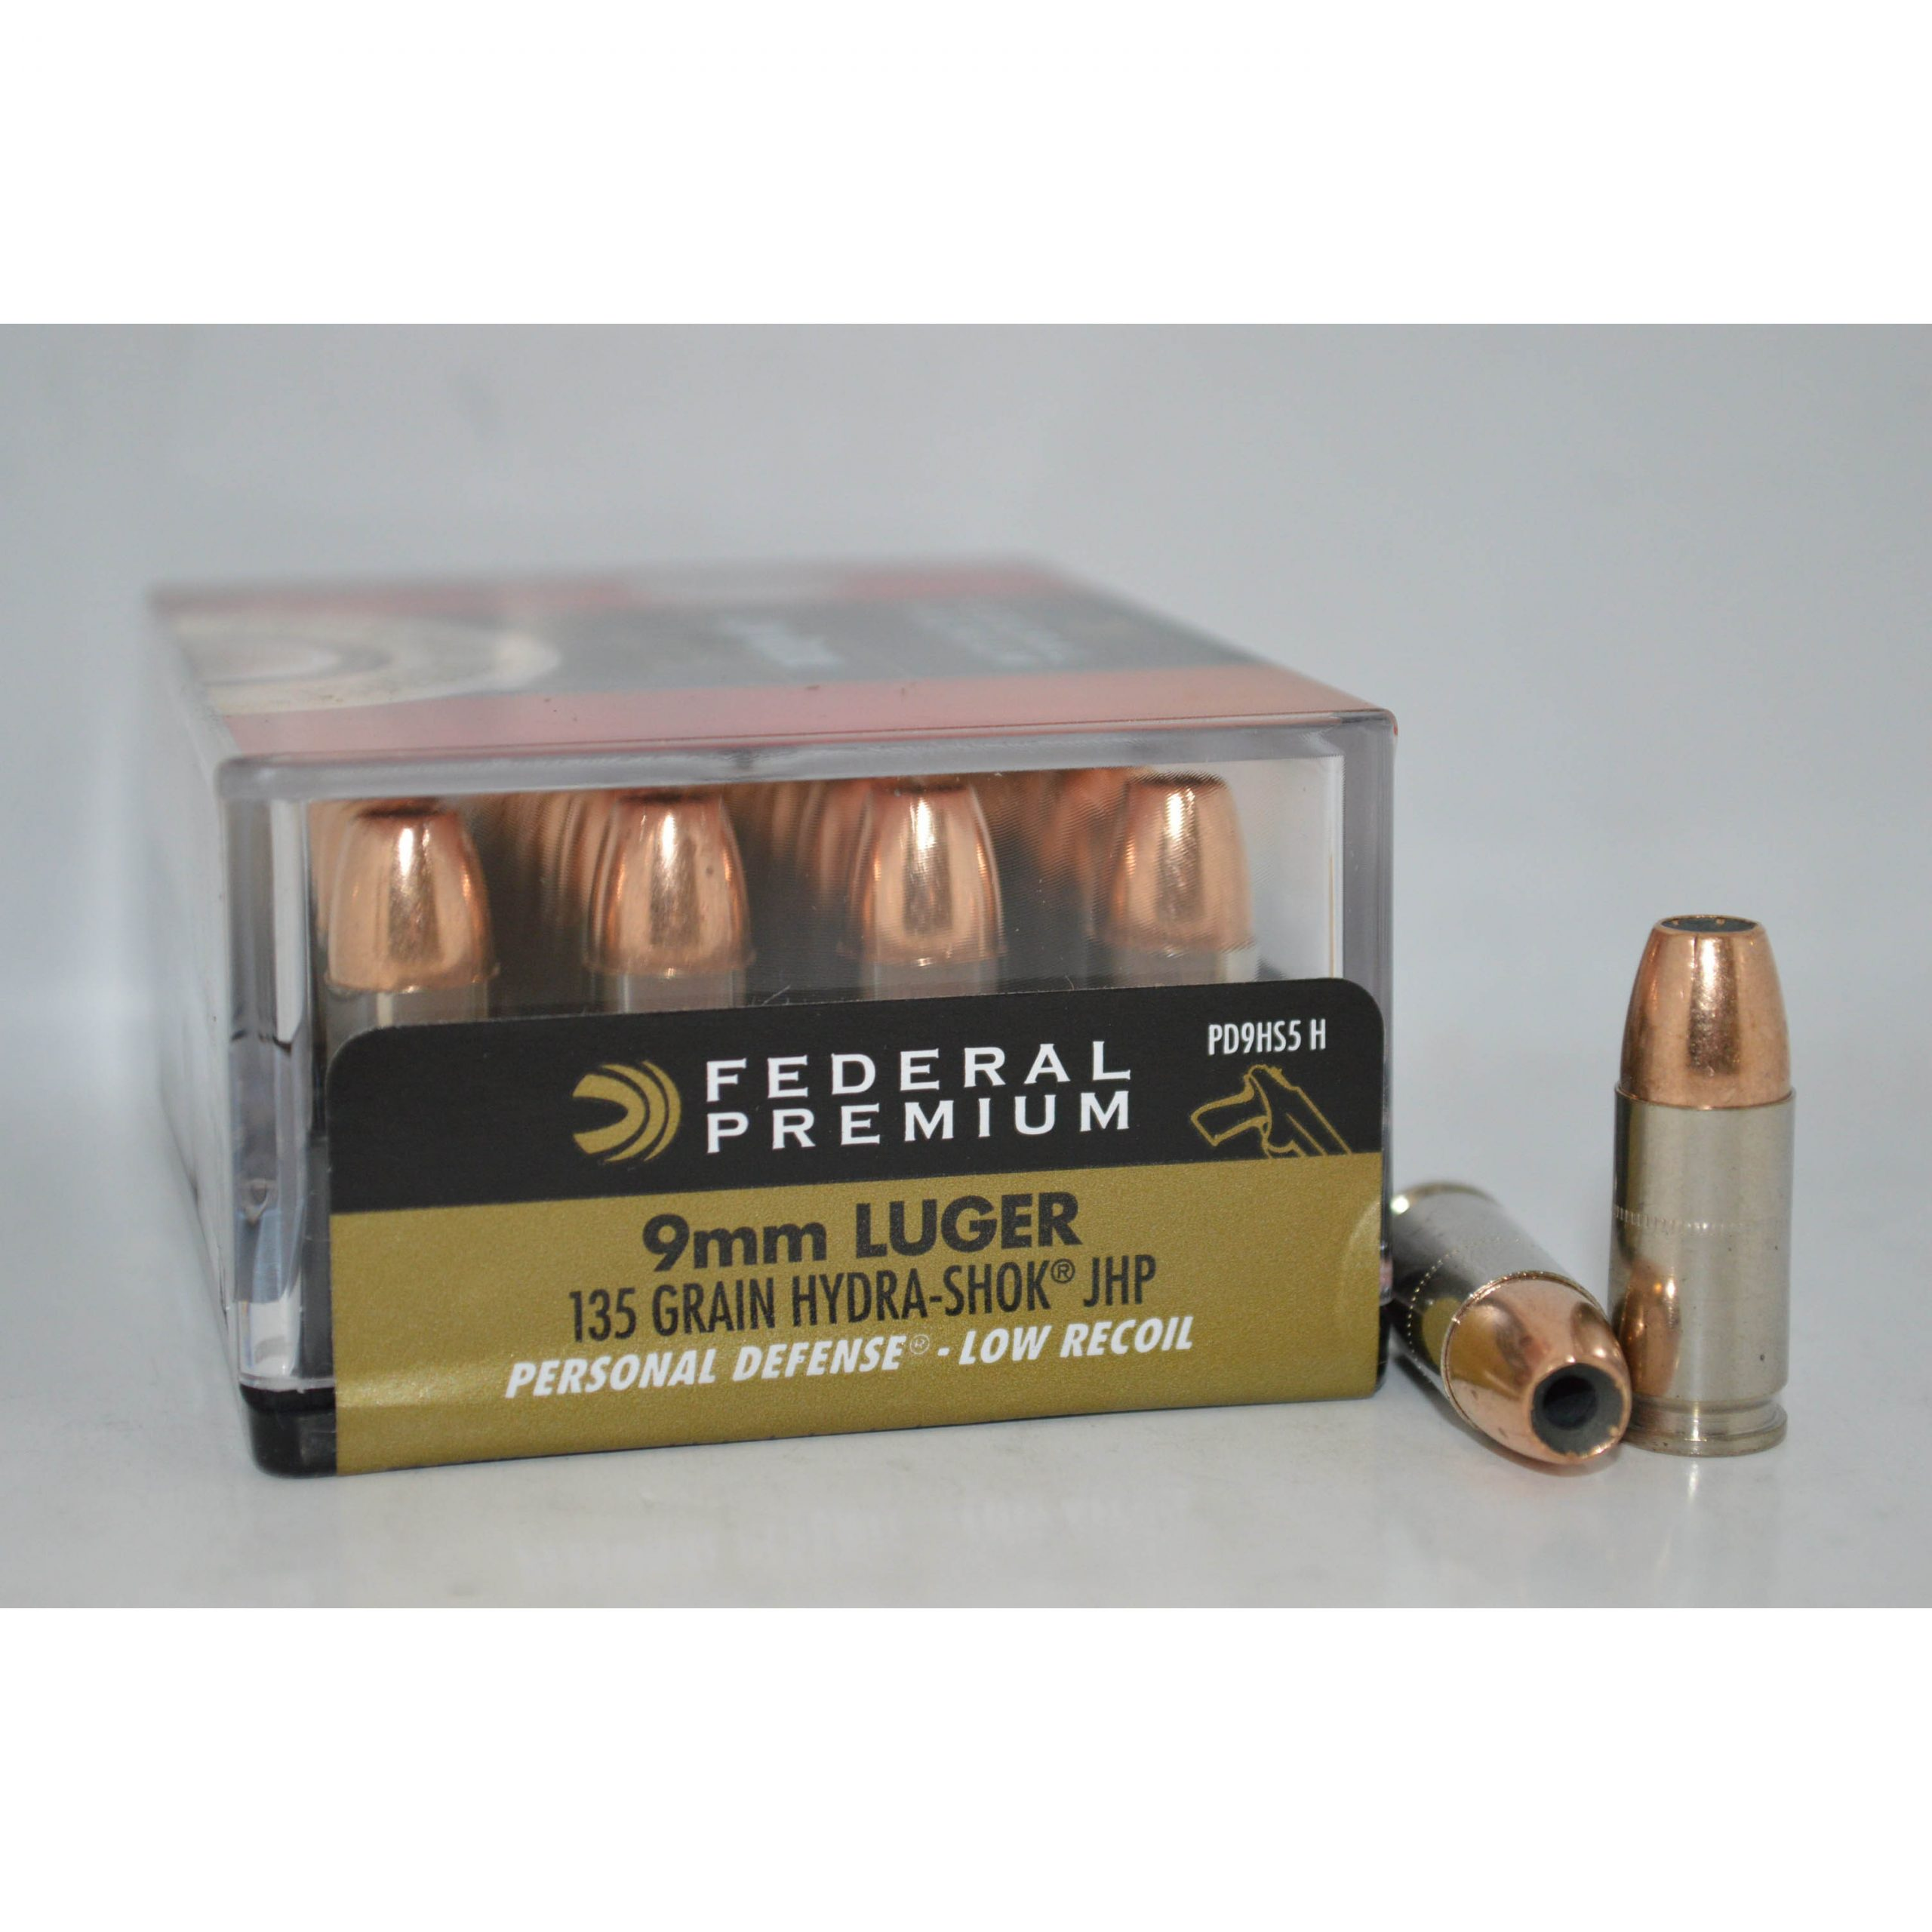 federal premium personal defense 9mm